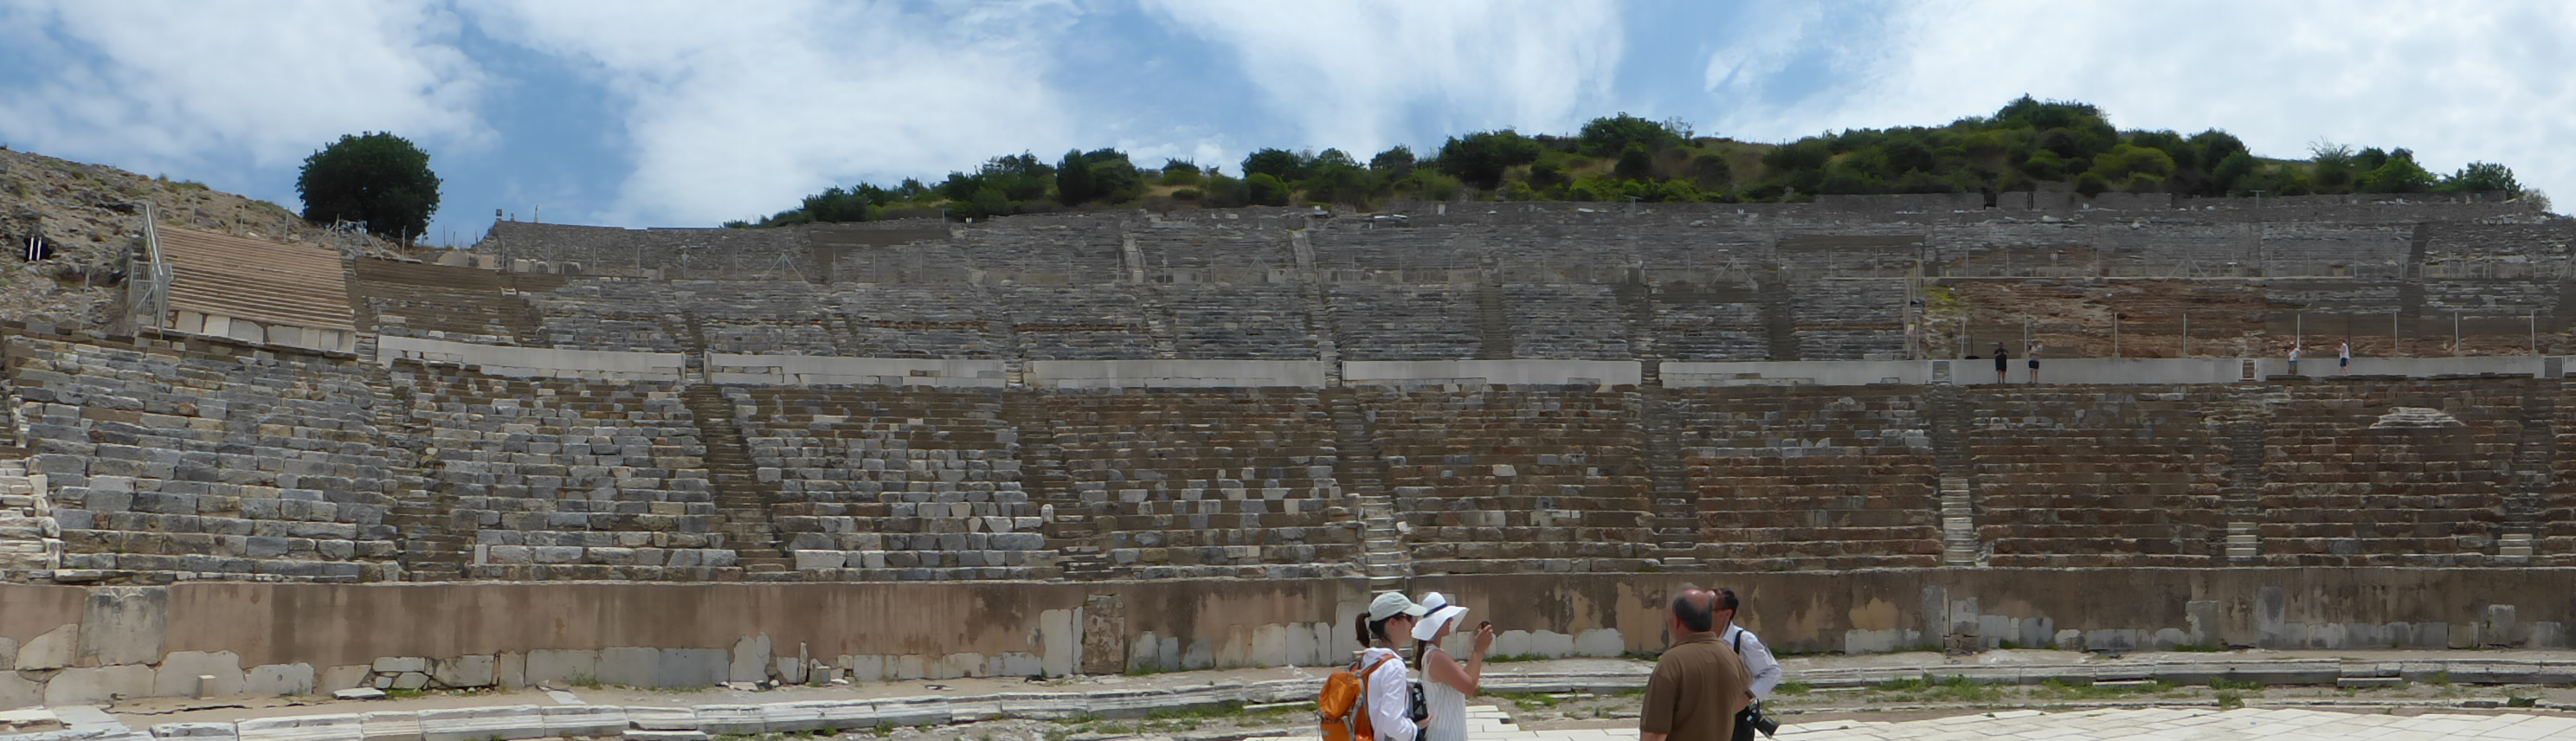 Im großen Theater von Ephesos soll der Apostel Paulus geredet haben.